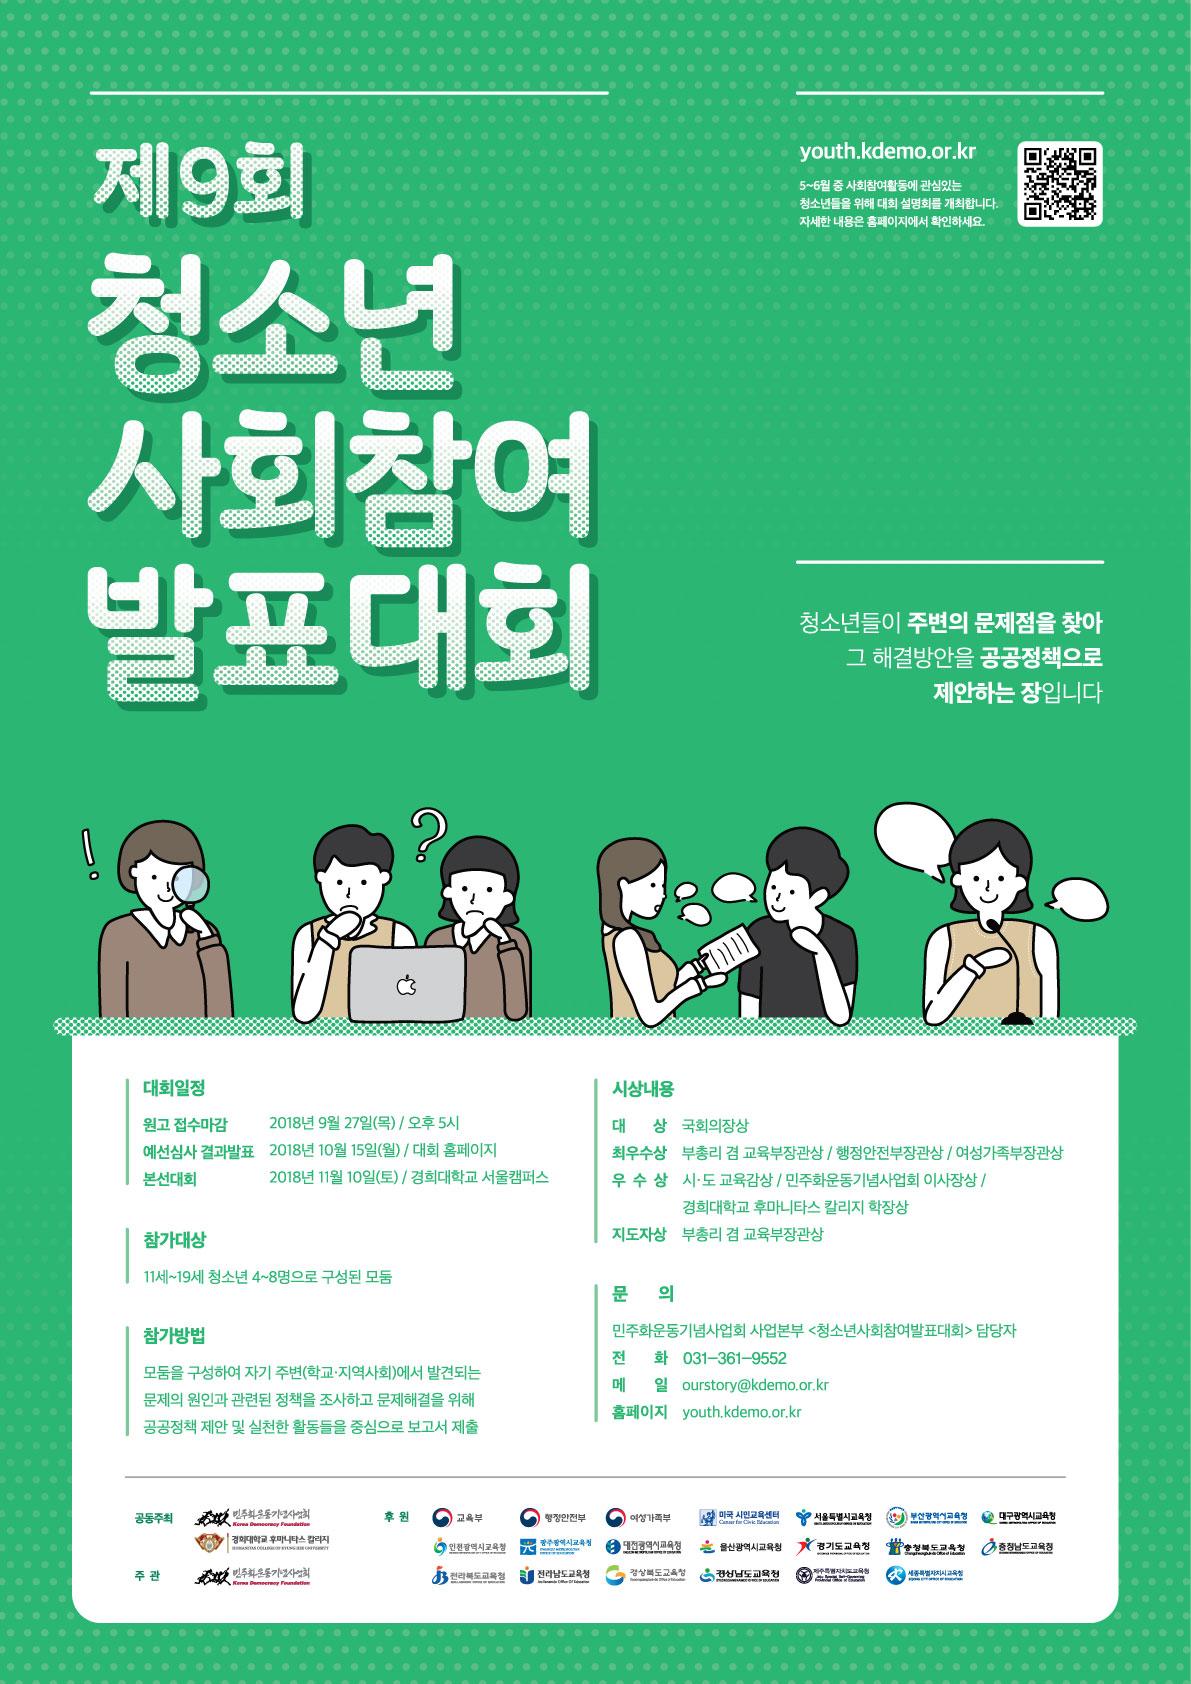 제9회 청소년사회참여발표대회 개최 및 지역설명회 신청 안내